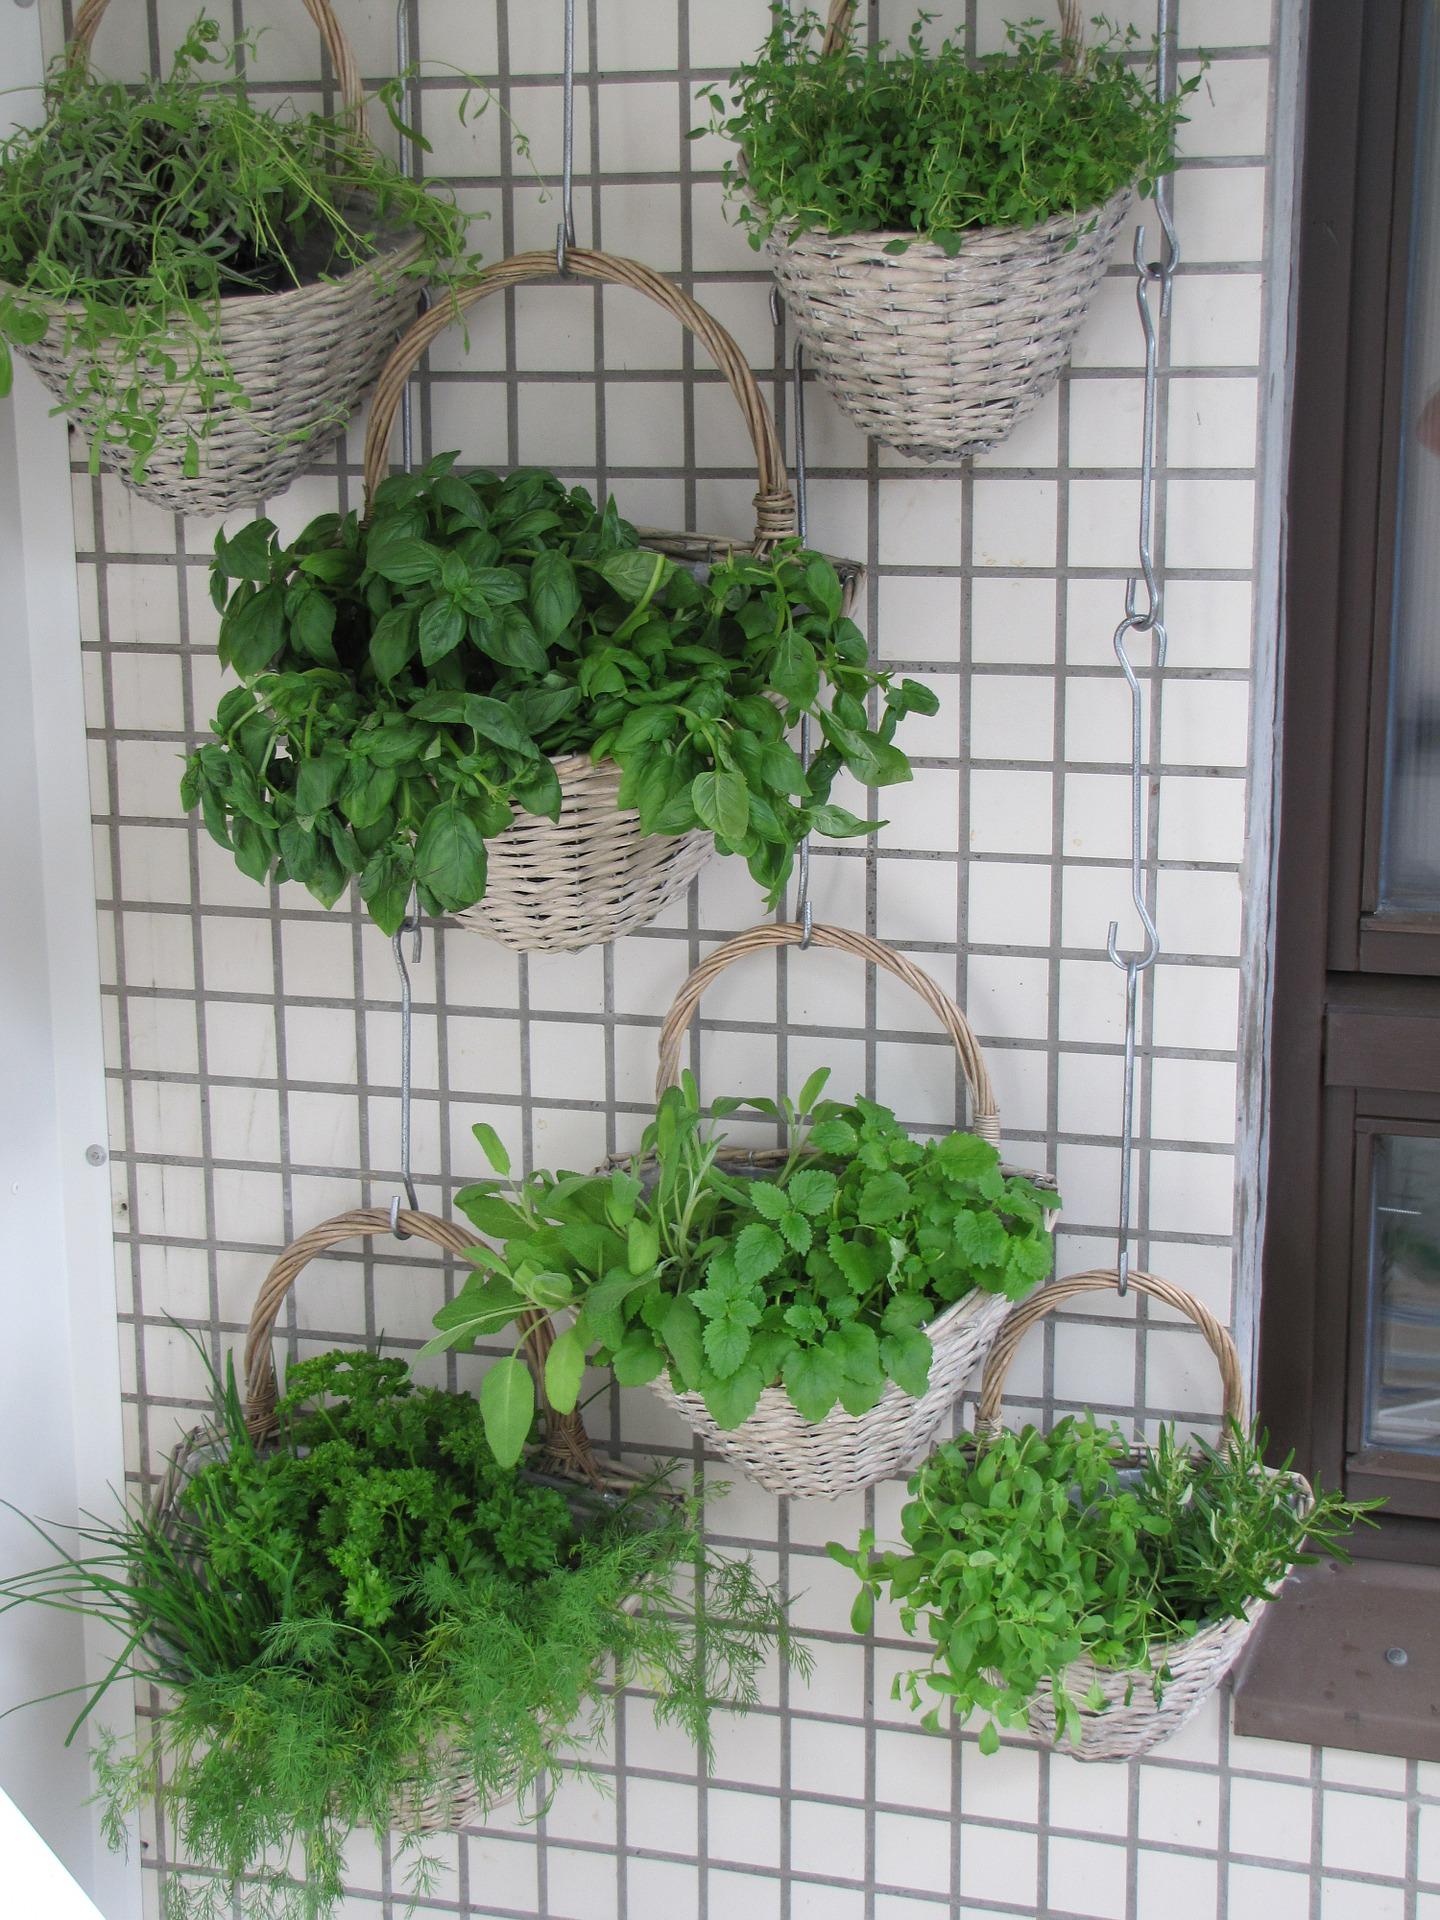 Садоводство, дача / ягоды,фрукты,овощи, зелень и травы;специ.